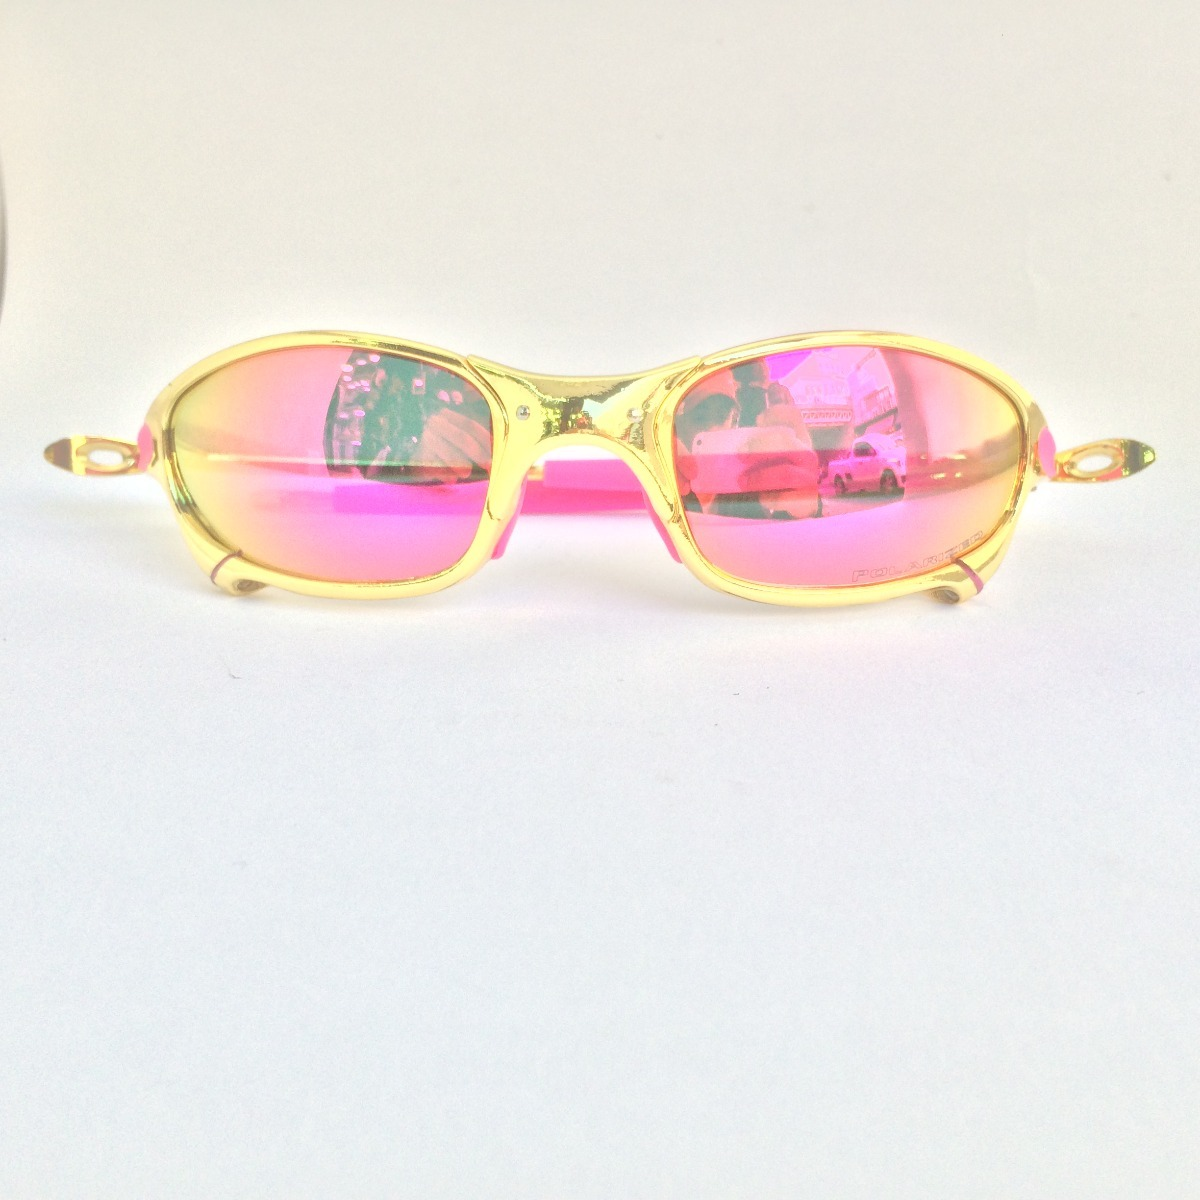 6c2b680b03e37 oculos oakley juliet 24k pink + cromado frete grátis. Carregando zoom.